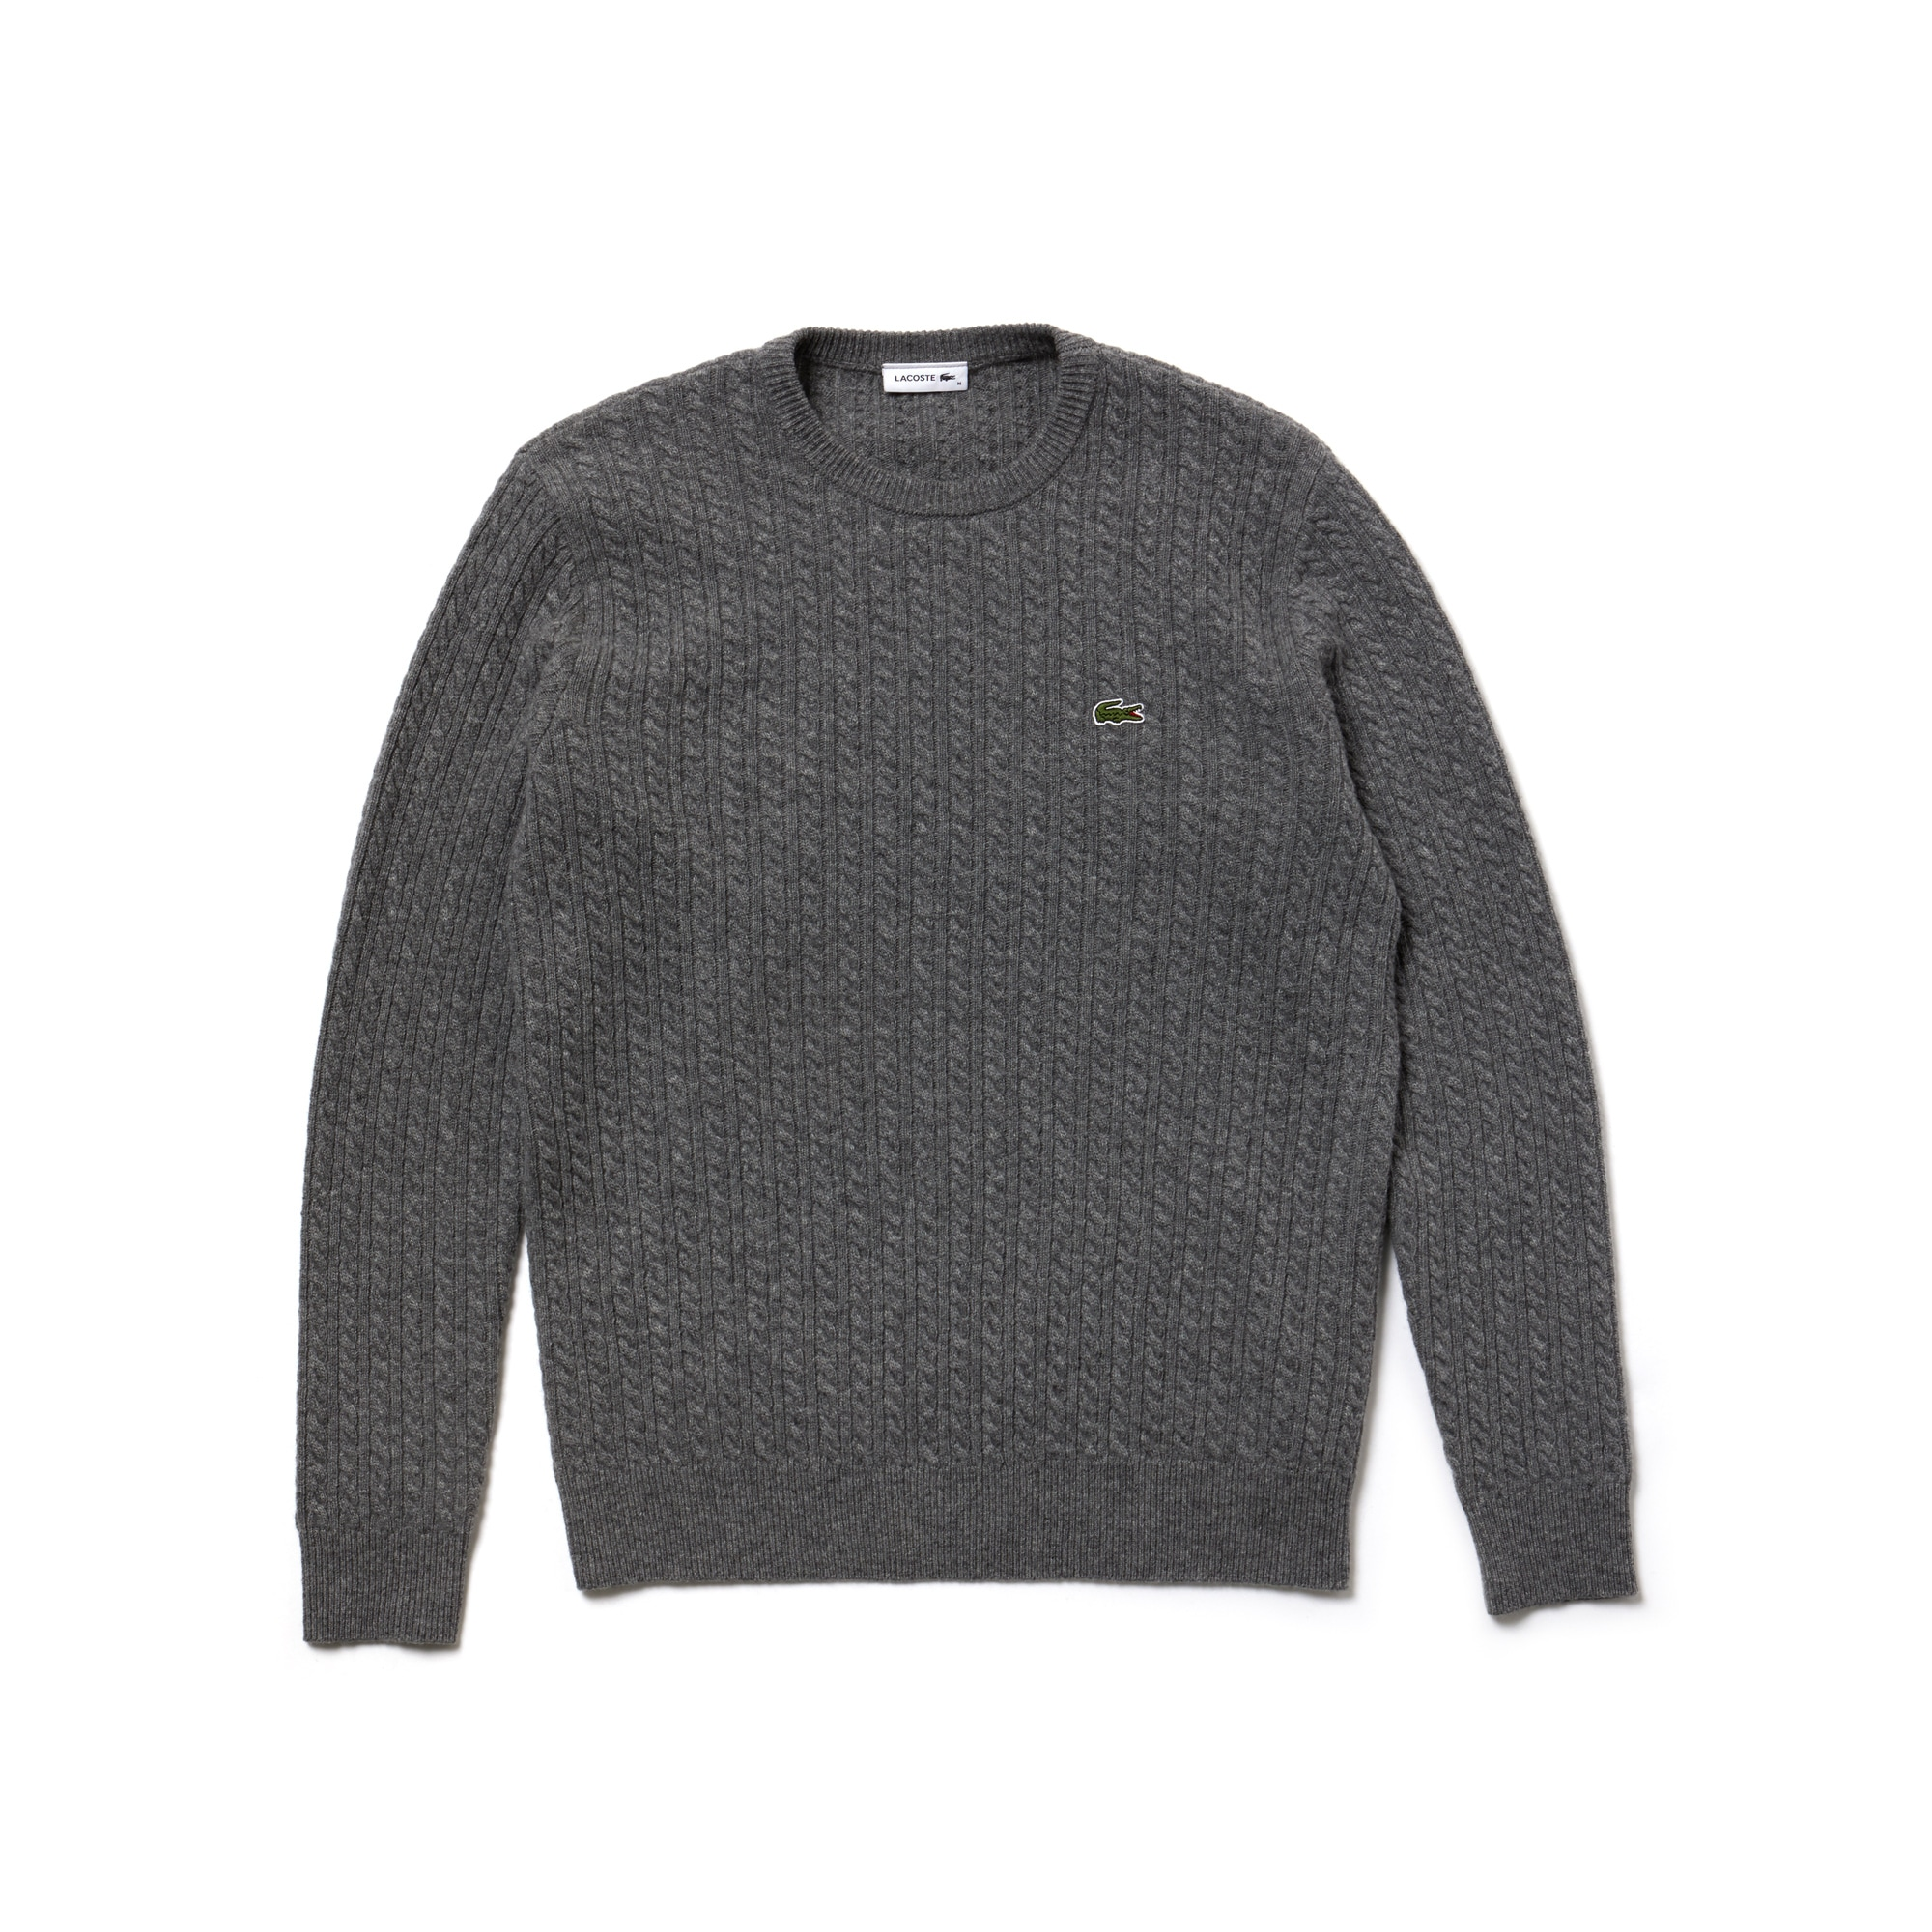 [패션쇼] 남녀 공용 크루넥 캐시미어 케이블 니트 스웨터